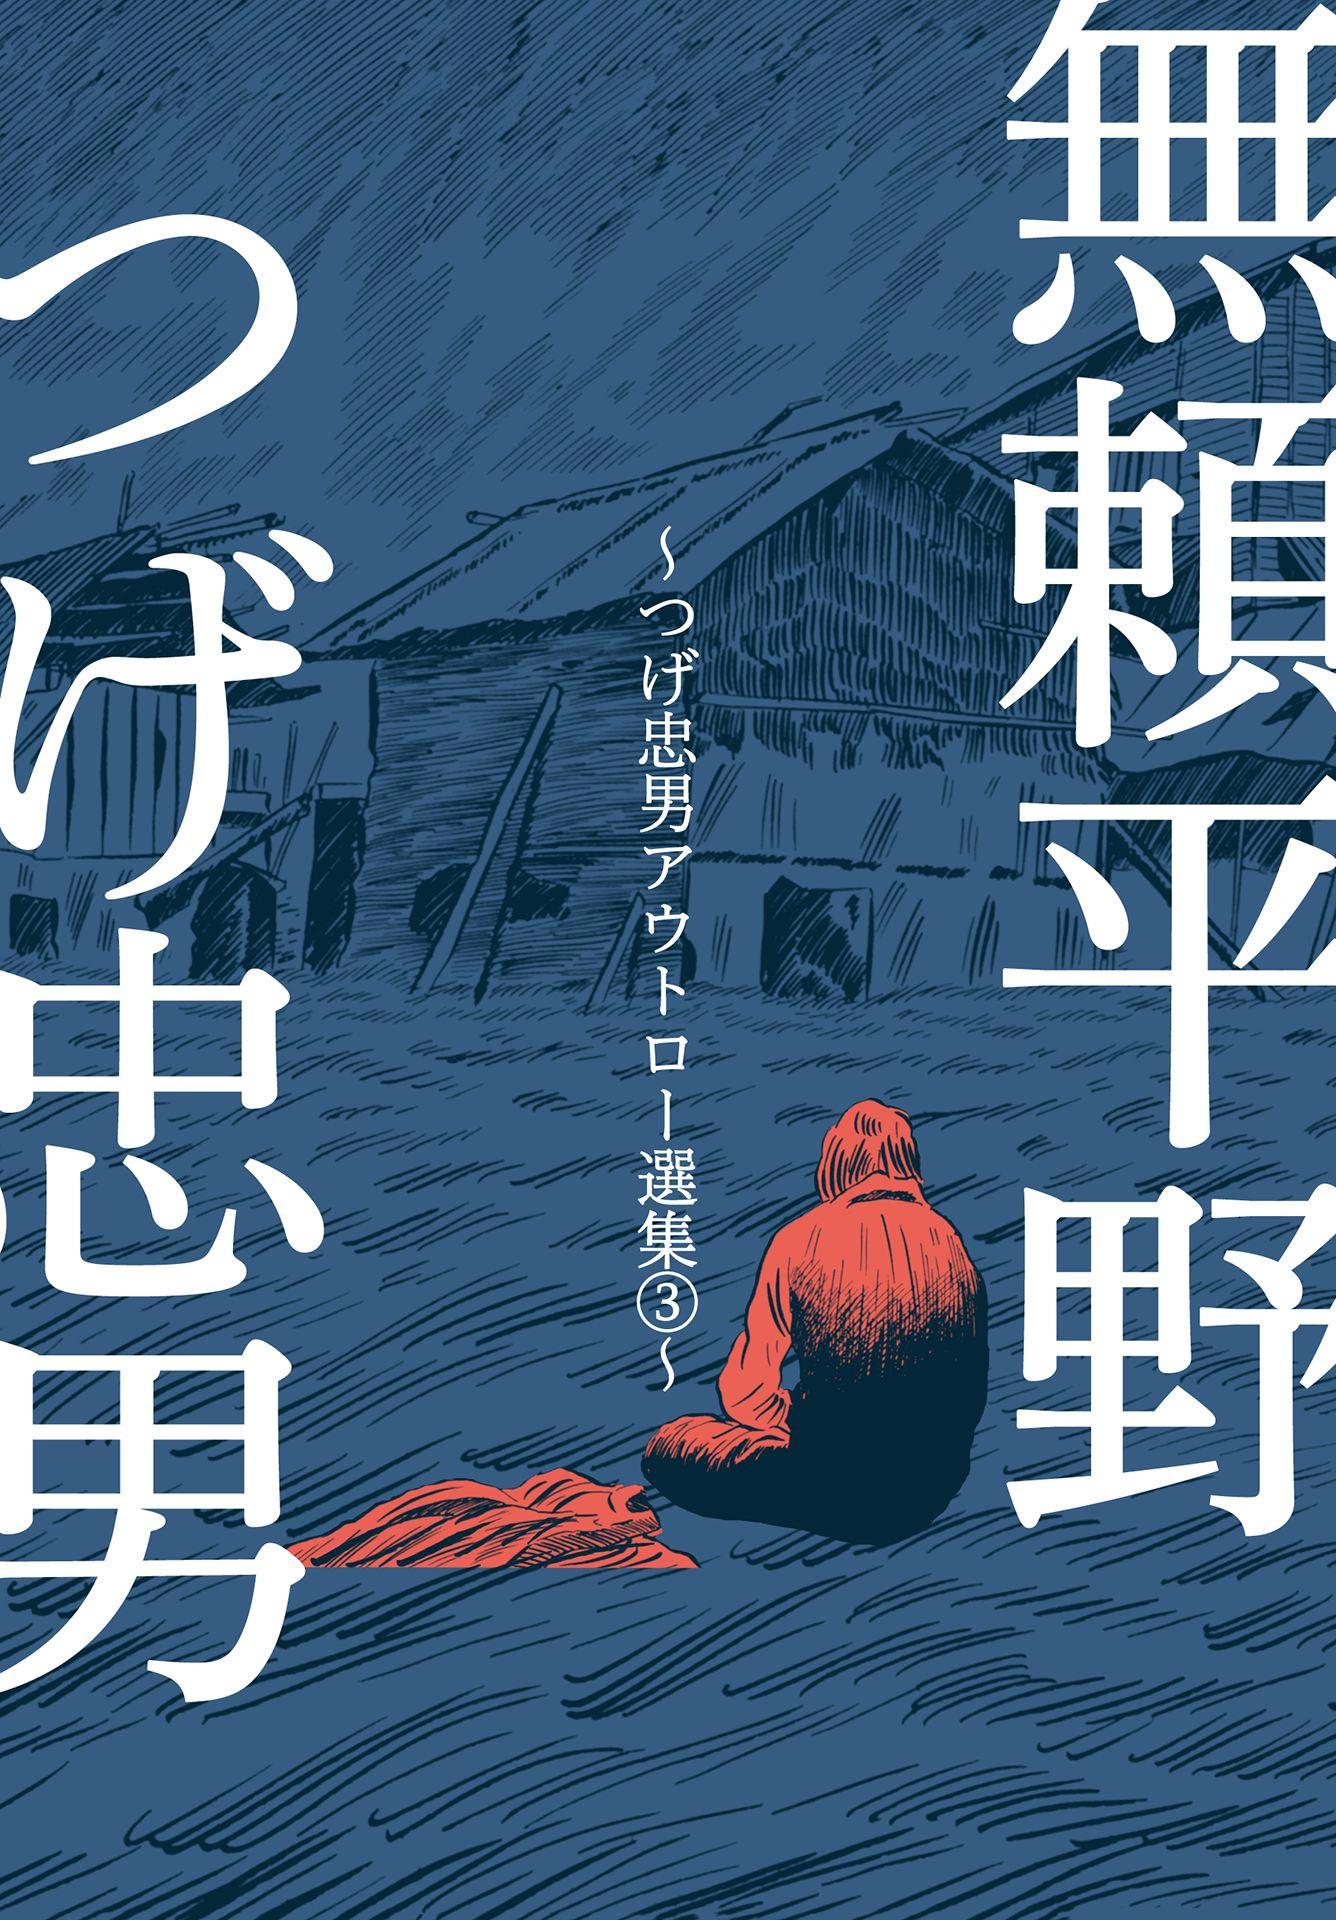 つげ忠男アウトロー選集(第3巻)